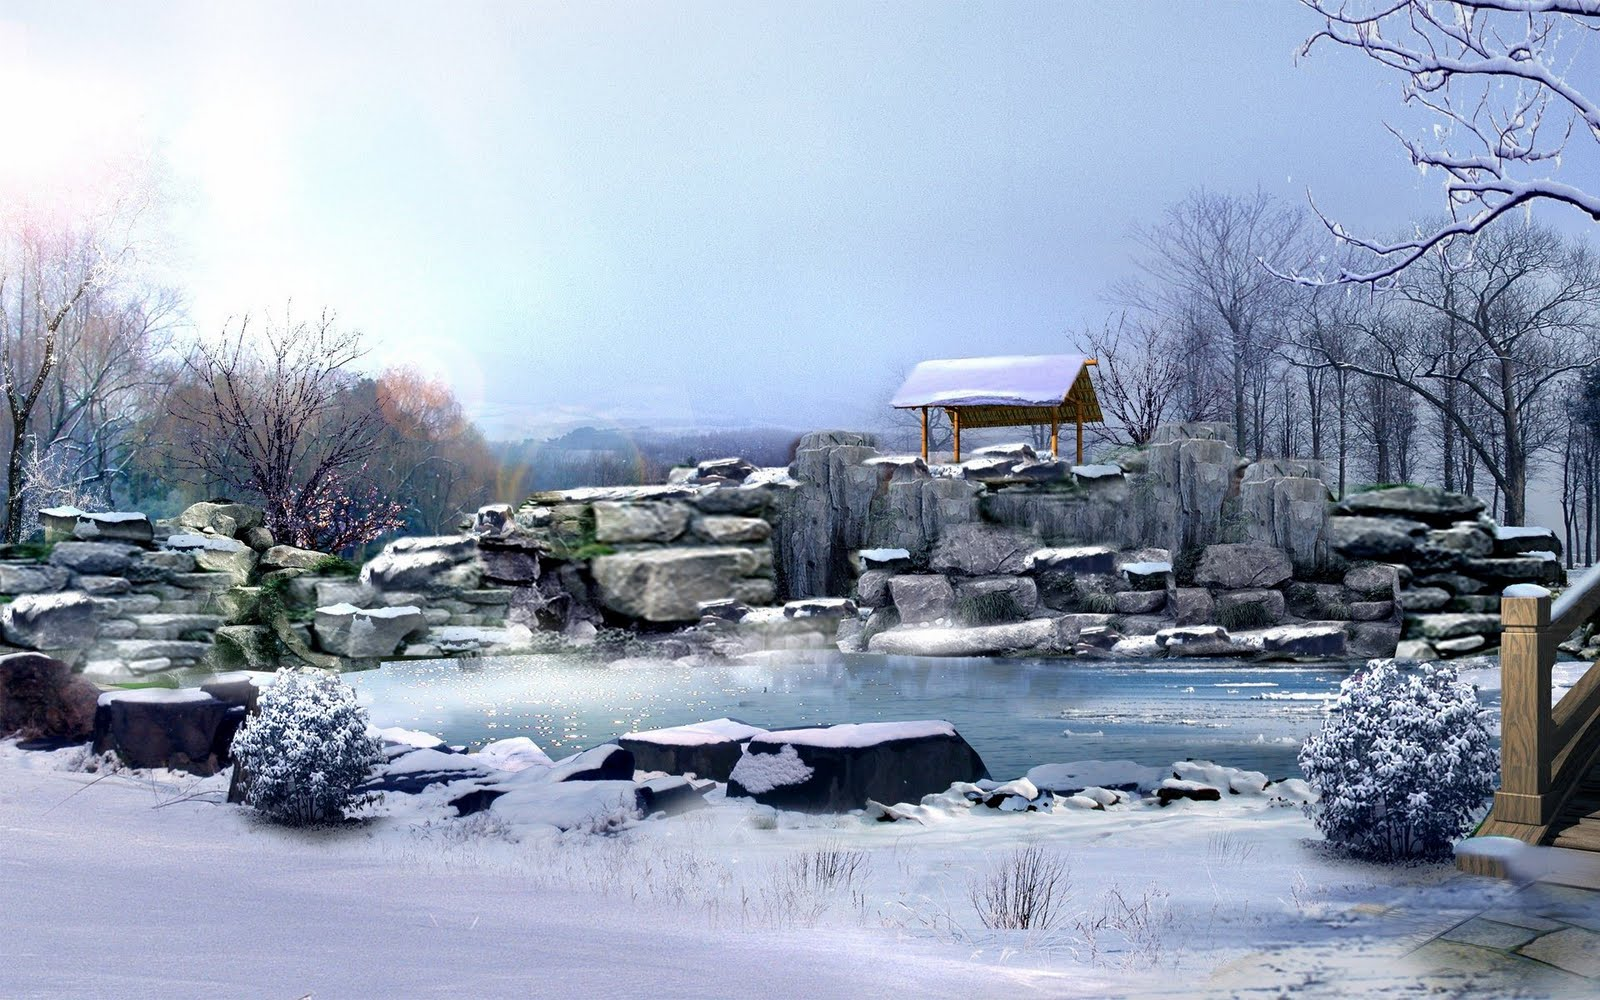 http://1.bp.blogspot.com/-16q0iWp6QXs/TmyRbxRwz8I/AAAAAAAANPQ/rxU9wS8DGLo/s1600/Japan+Digital+HD+Landscape+%252815%2529.jpg